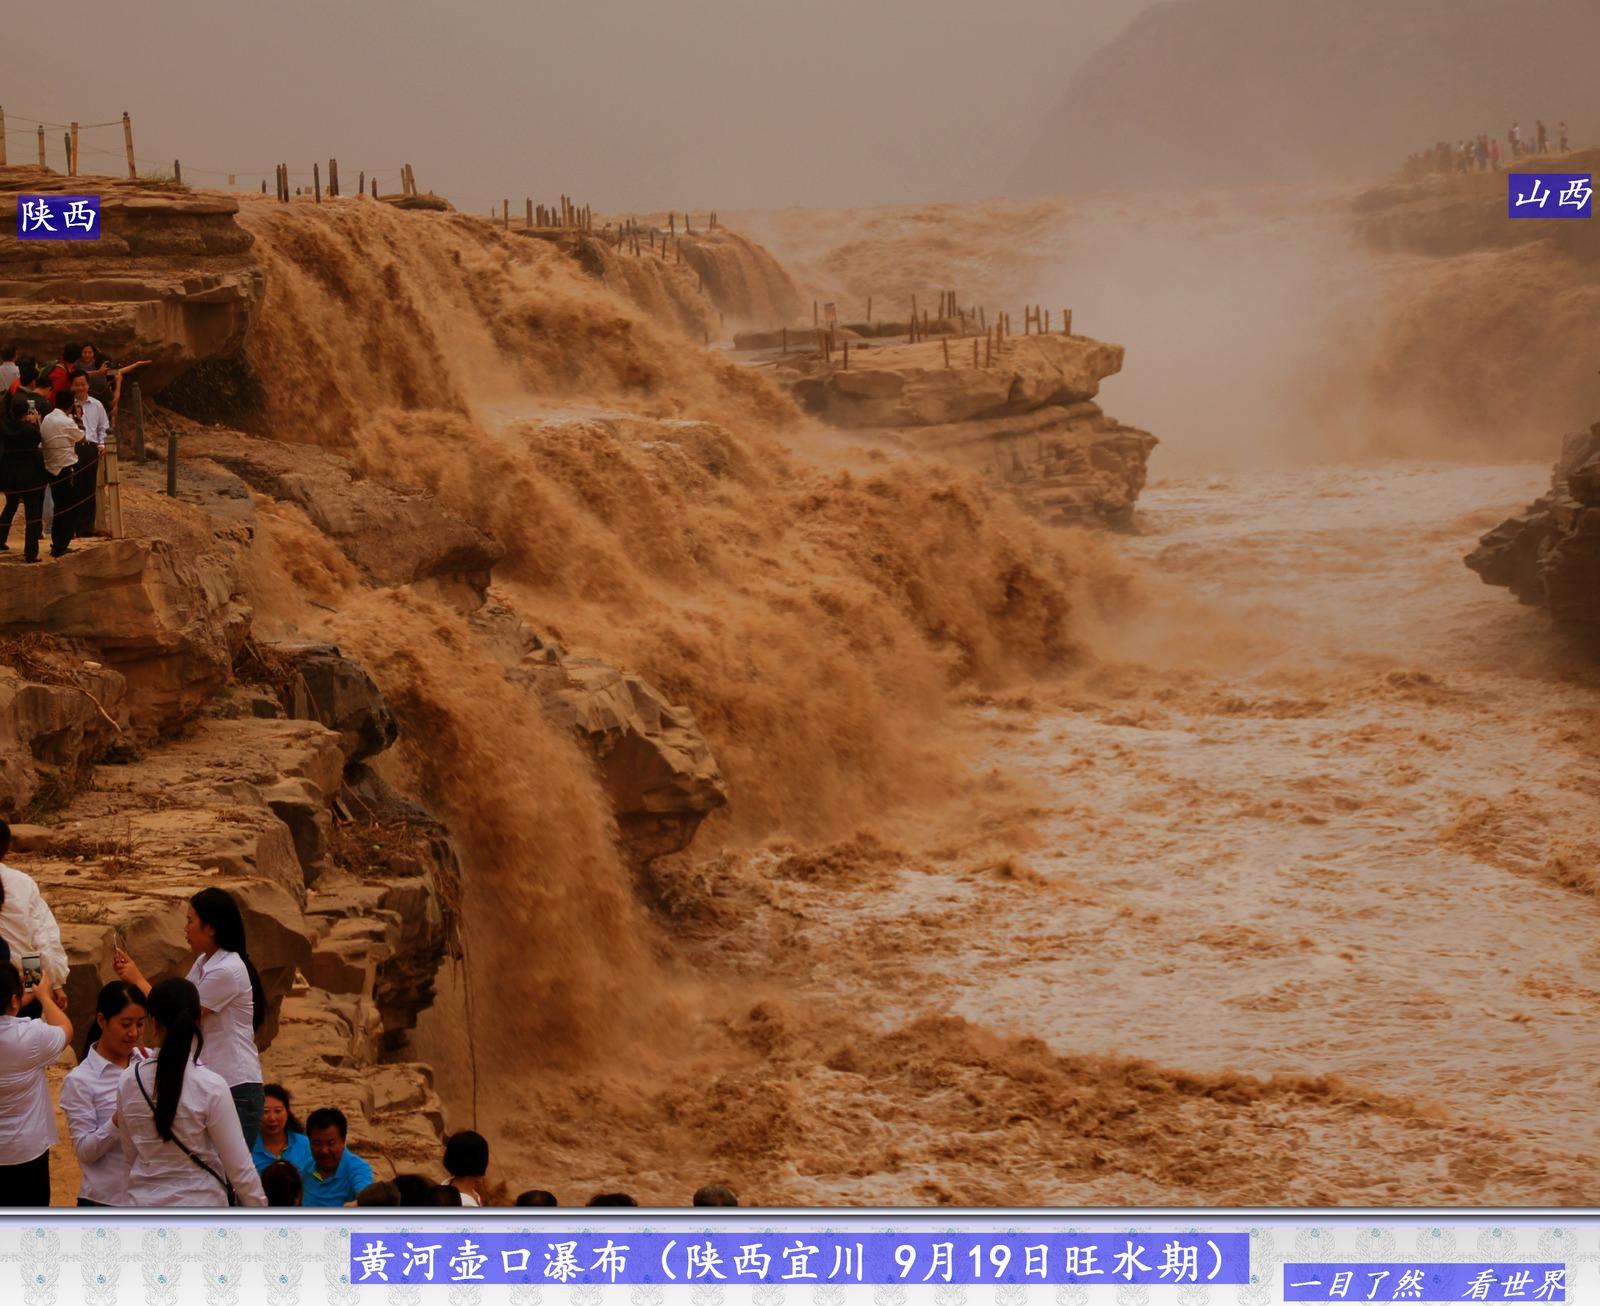 黄河壶口瀑布-003-1600.jpg